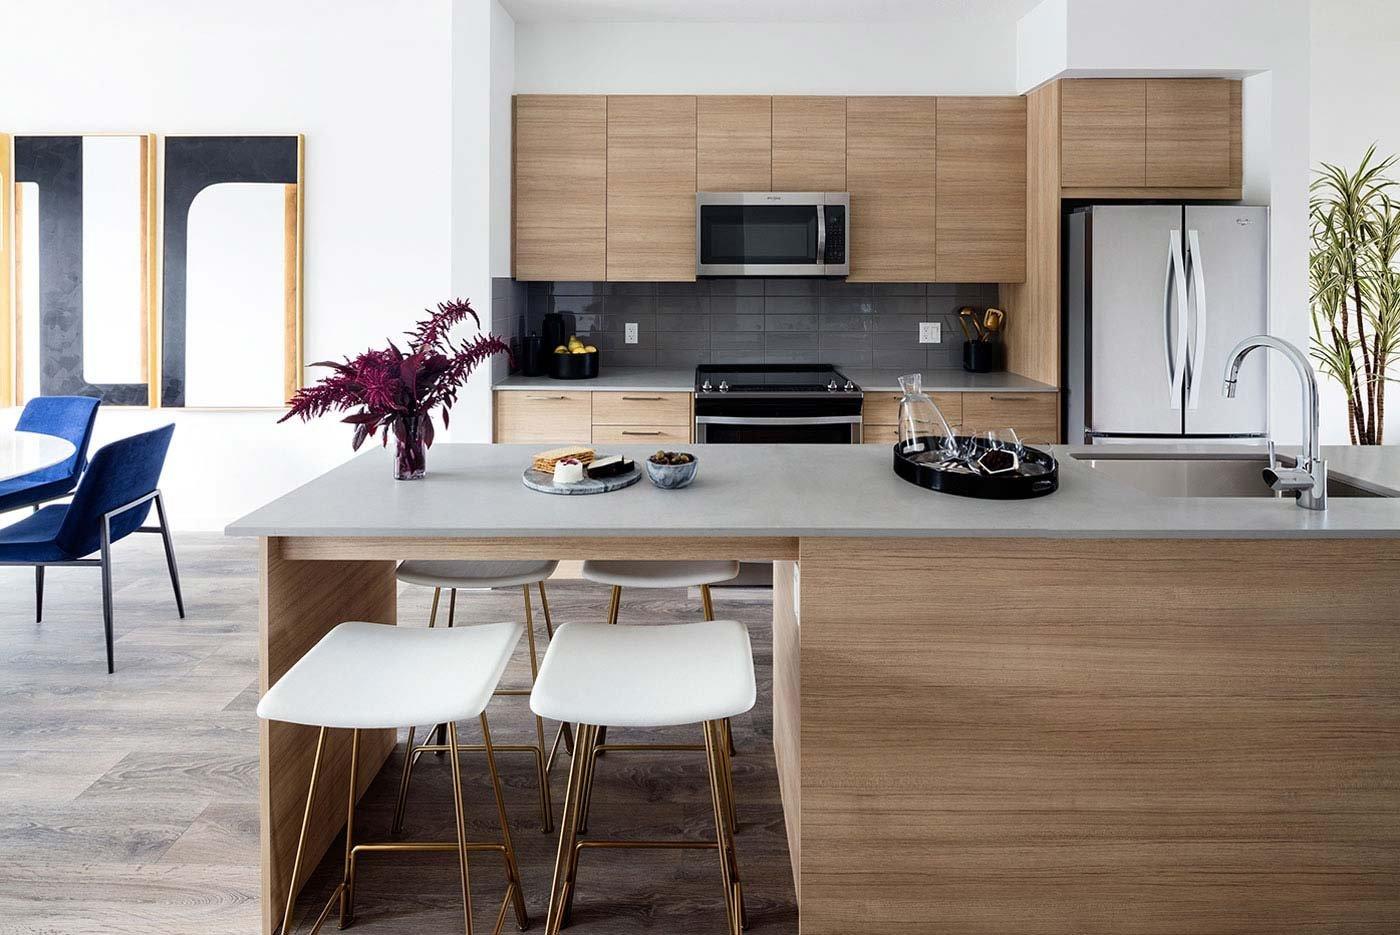 Kitchen - 18505 Laurensen Place, Surrey, BC V4N 6R7, Canada!